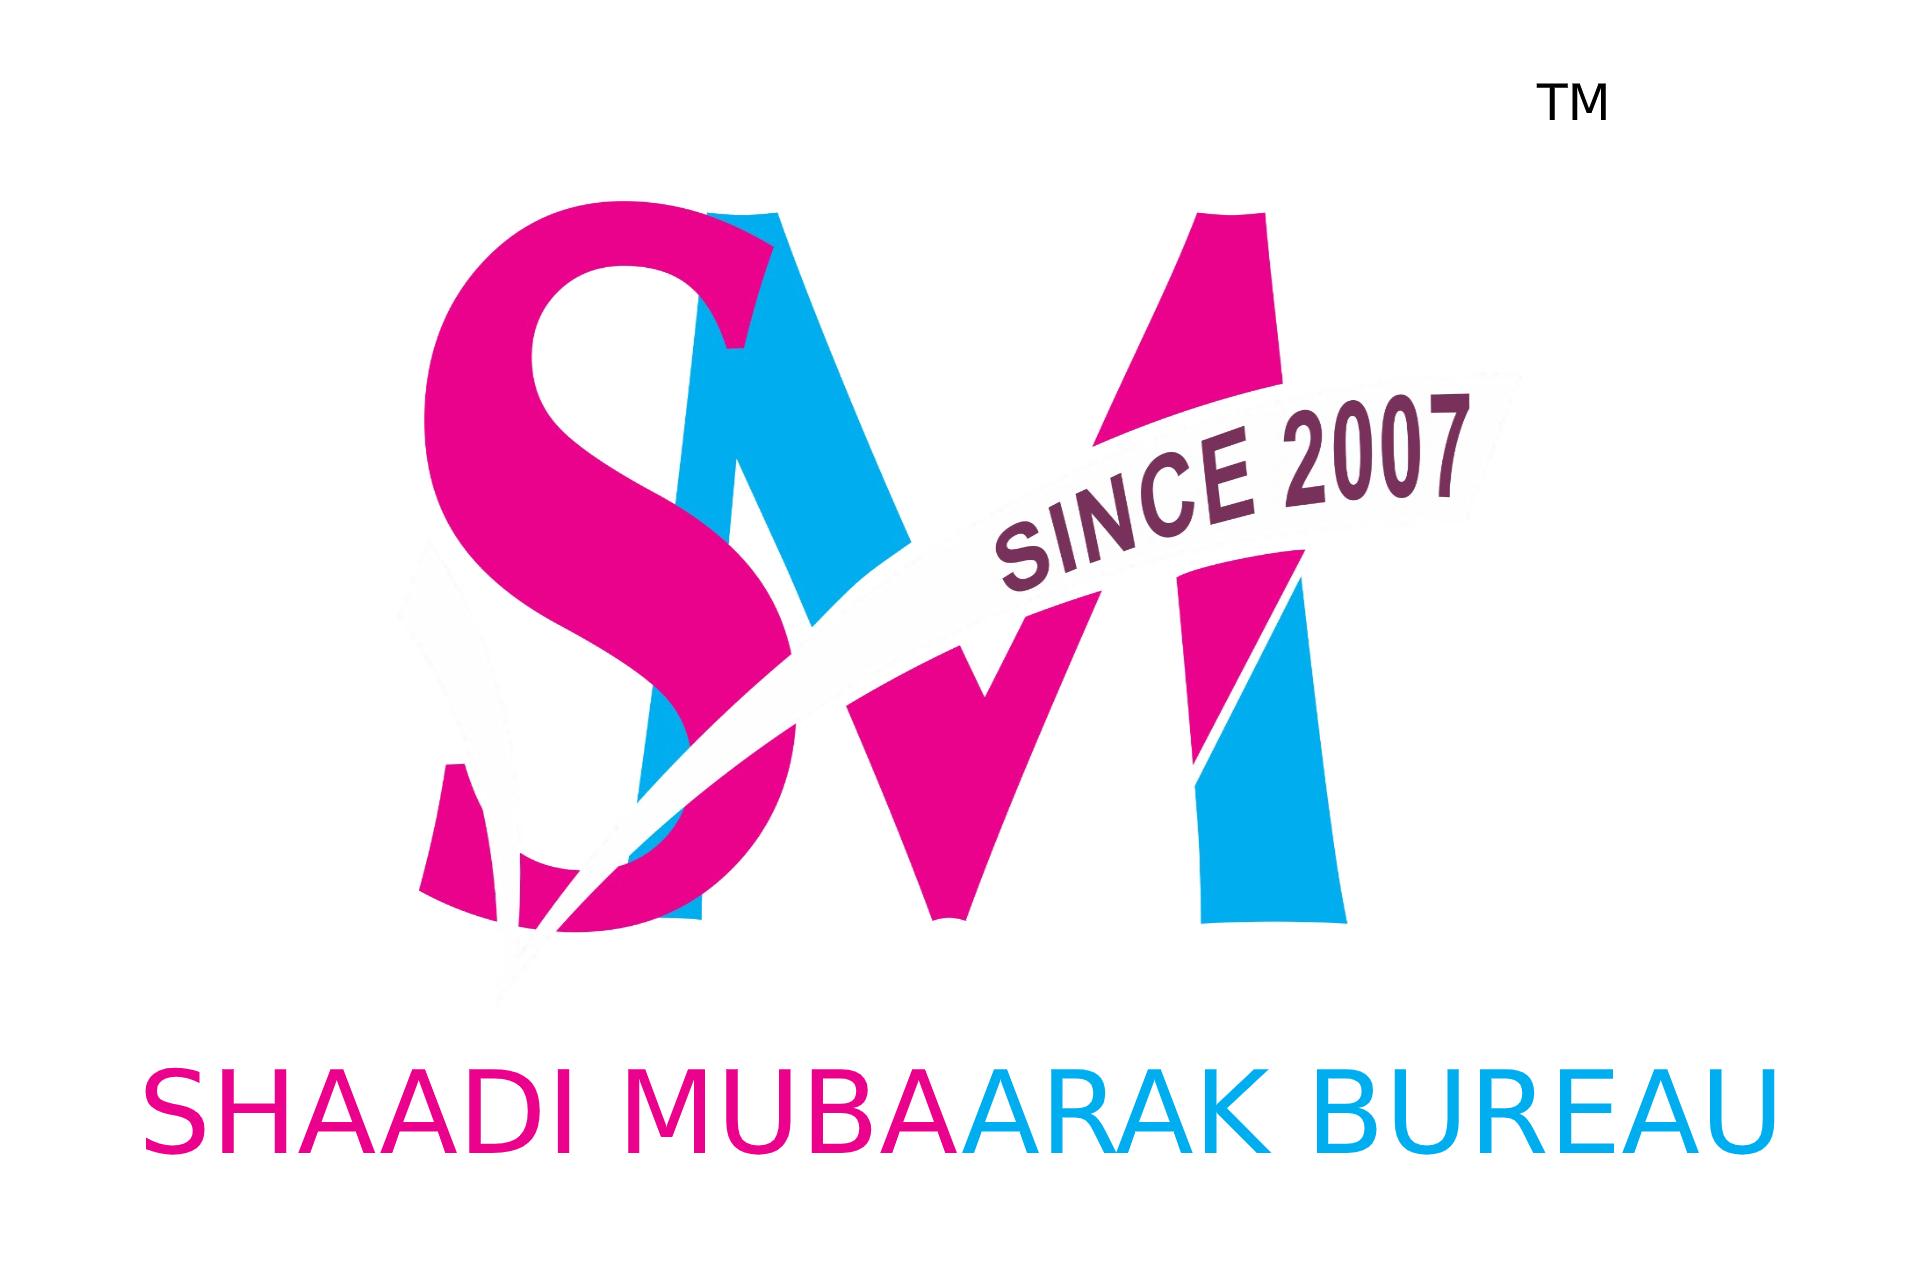 Shaadi Mubaarak Bureau